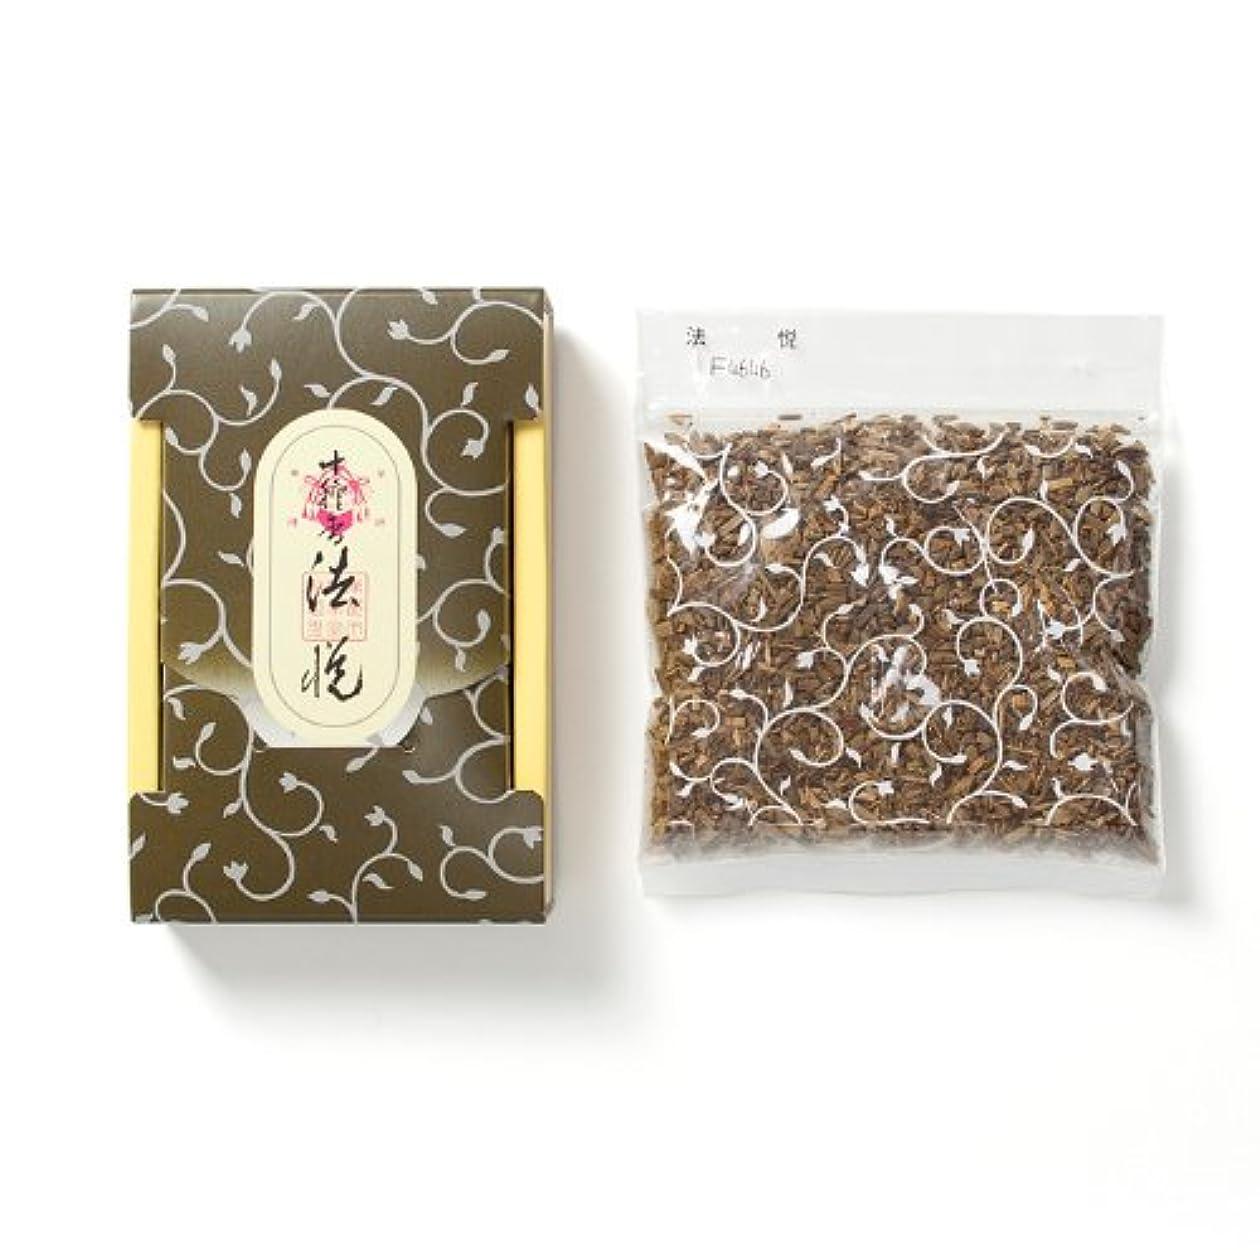 恒久的染料役員松栄堂のお焼香 十種香 法悦 25g詰 小箱入 #411041